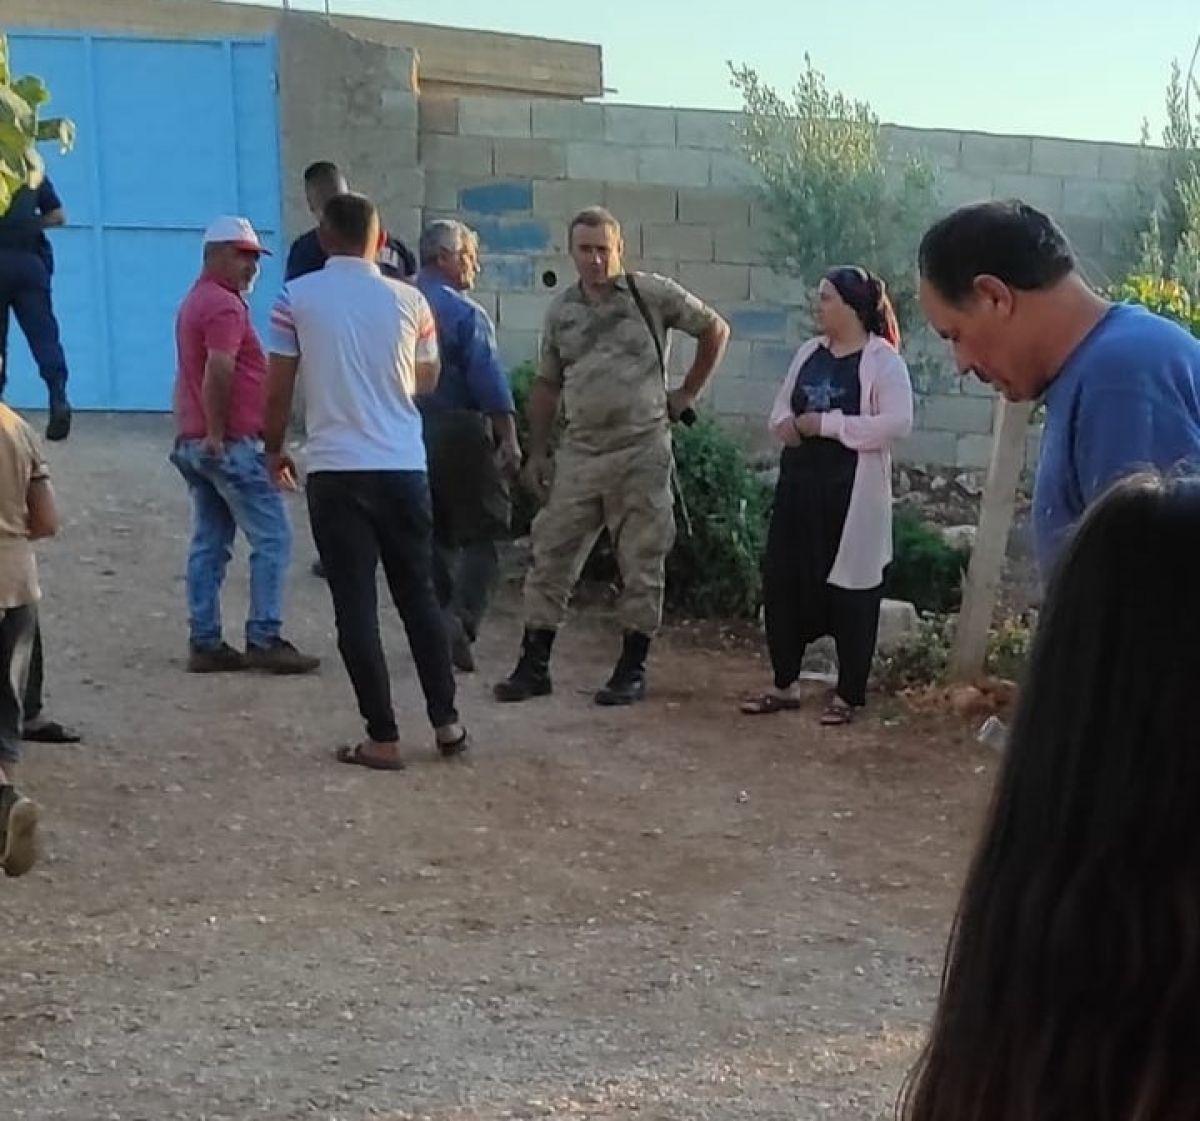 Gaziantep te eski damat dehşeti: Engelli kayınpederini dövdü #1